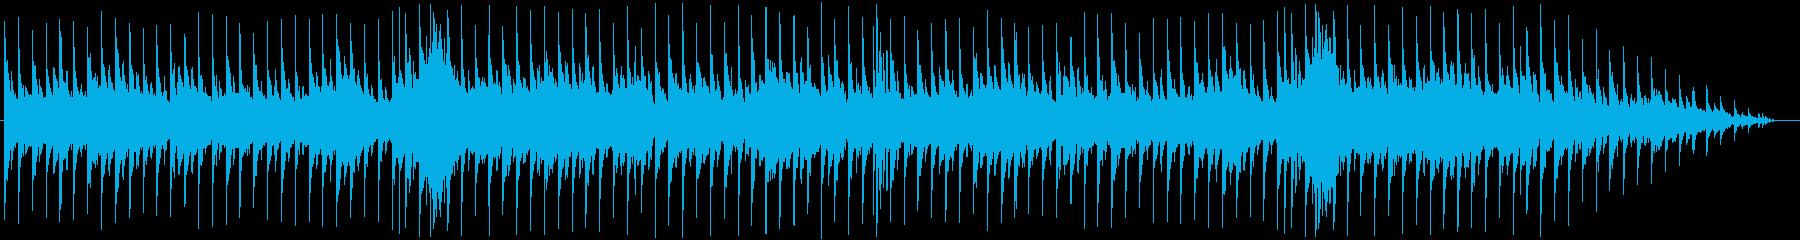 ハウス70 'スタイル。クールでギ...の再生済みの波形